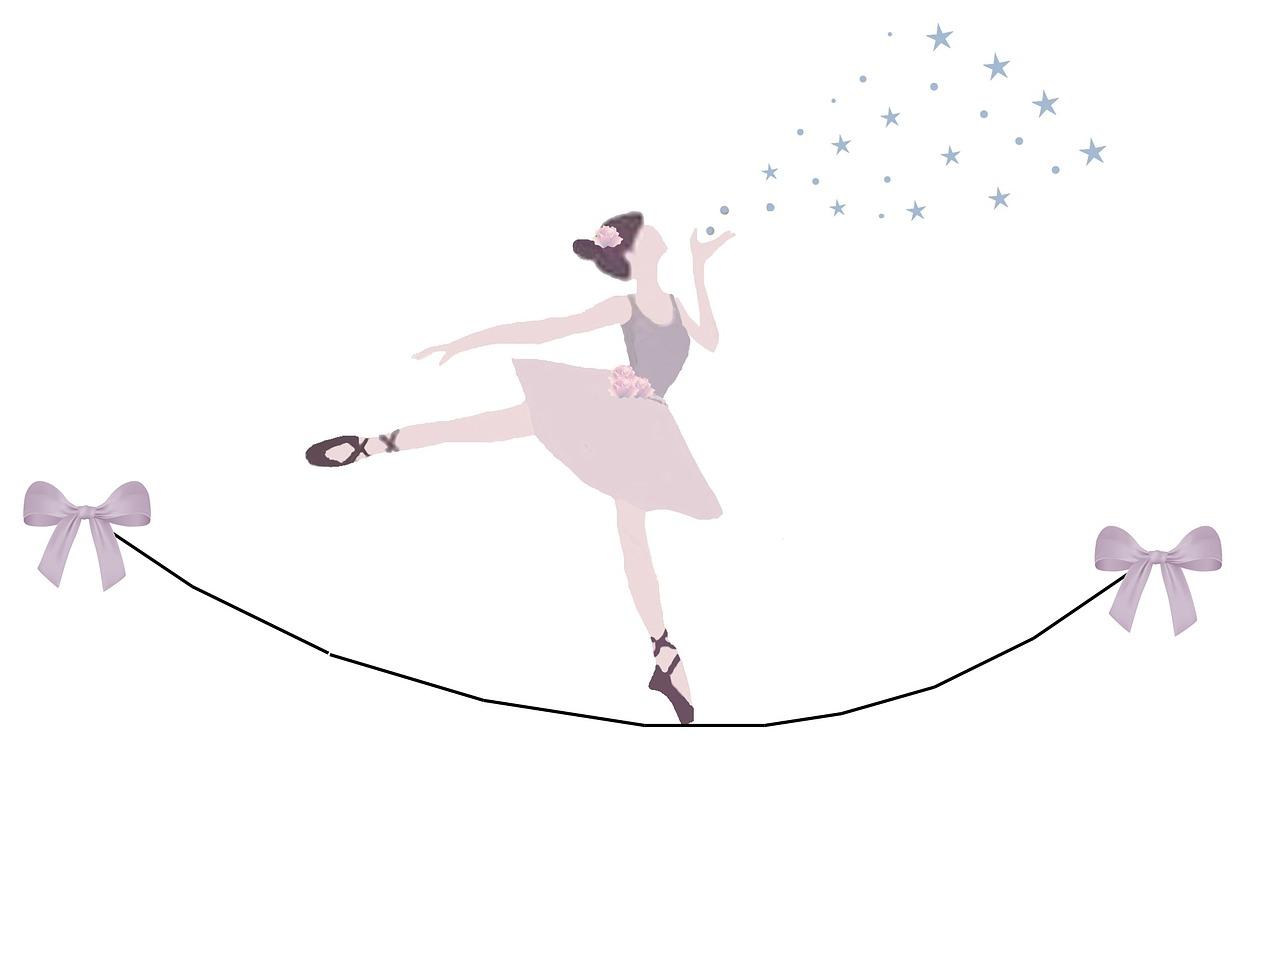 dancer-668904_1280